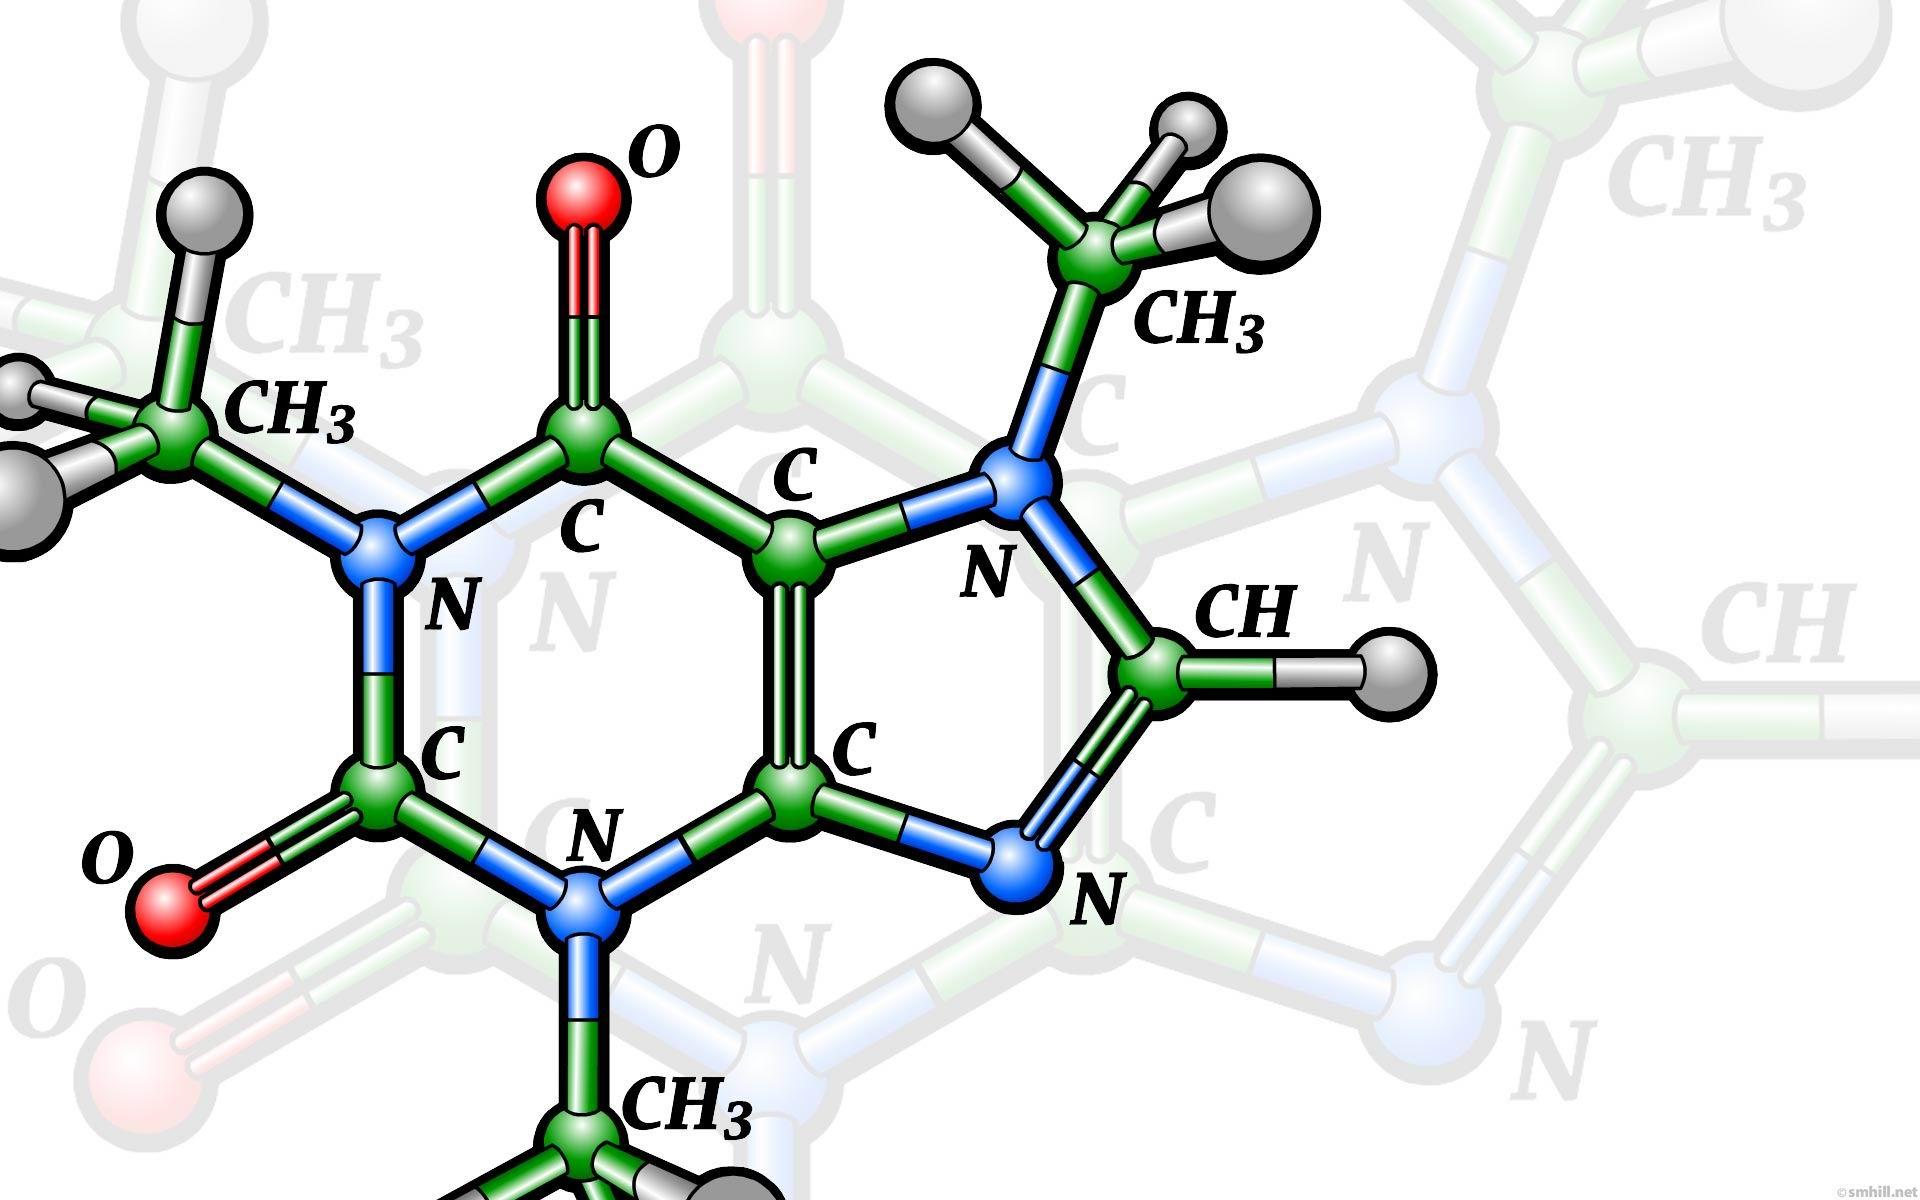 С Днем Химика! Здоровья, радости, счастья, удачи